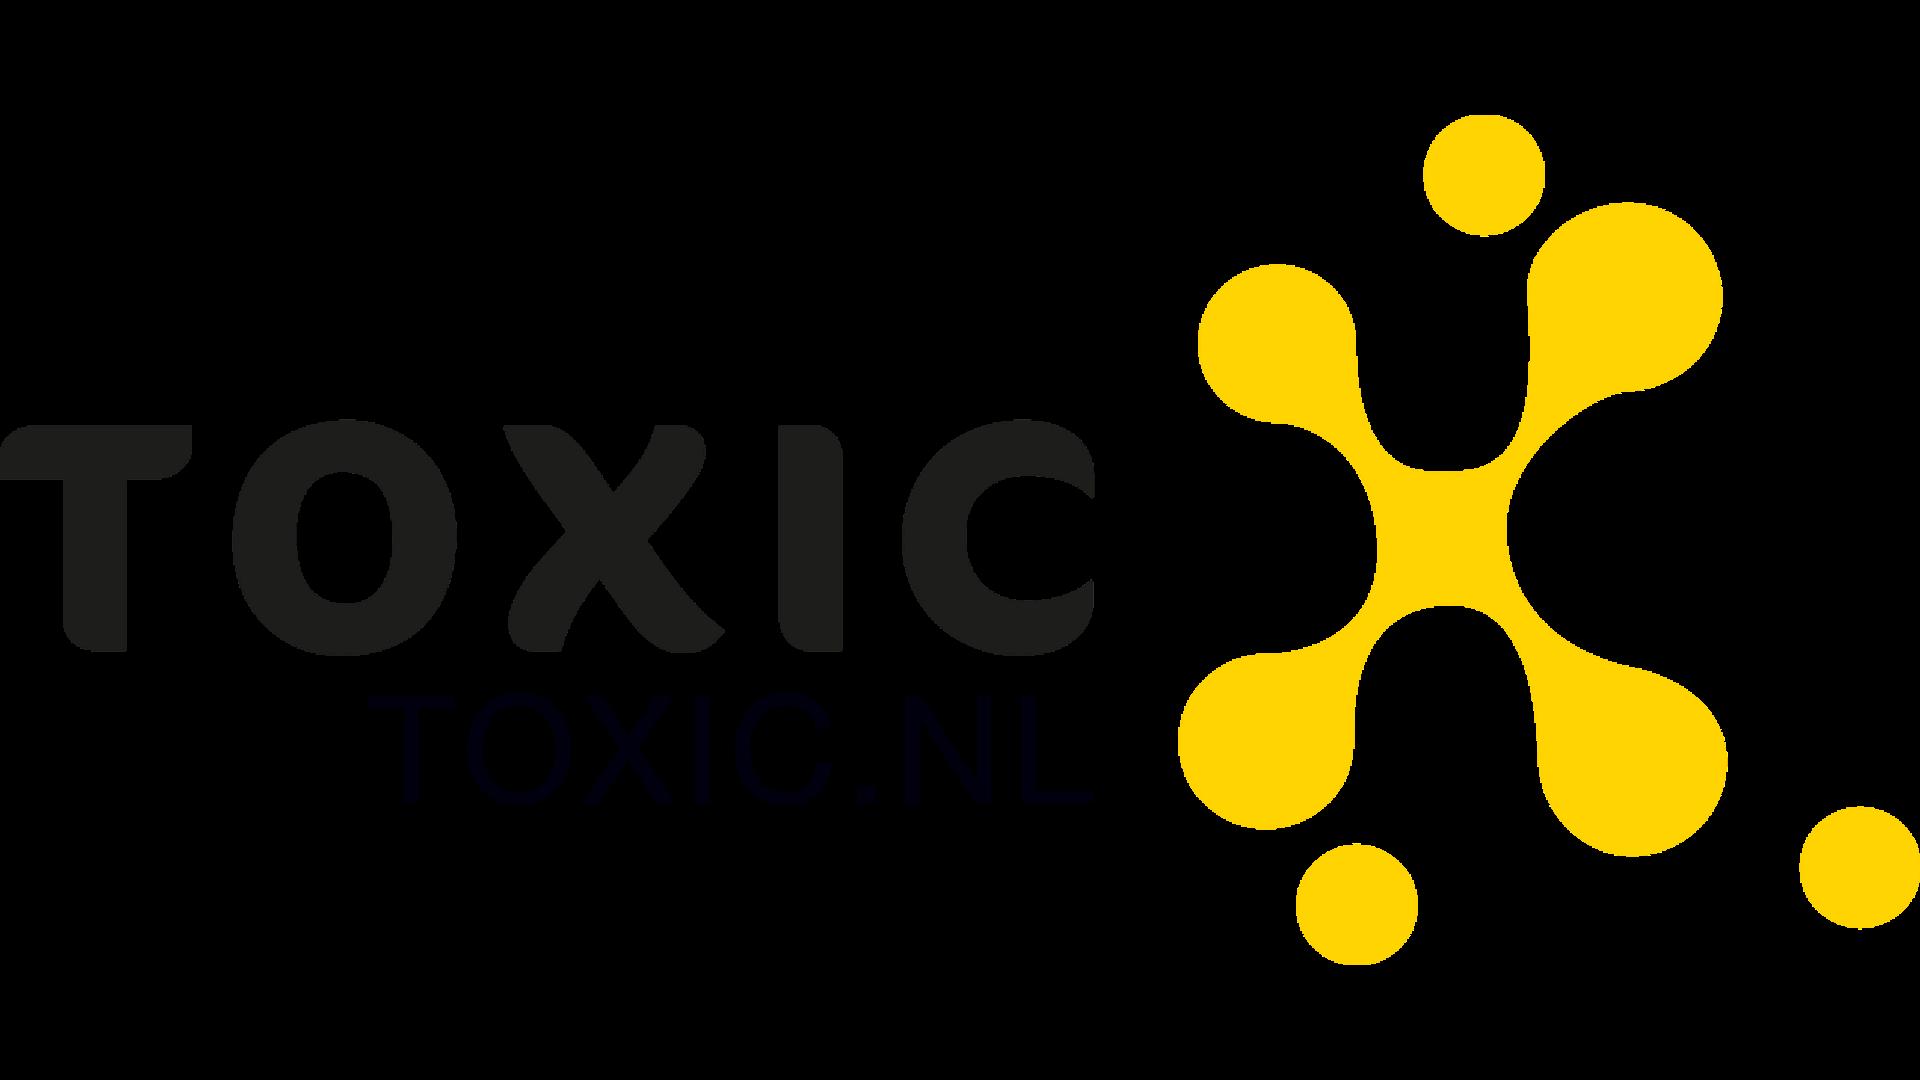 Toxic_logo_breakbumper 2.png